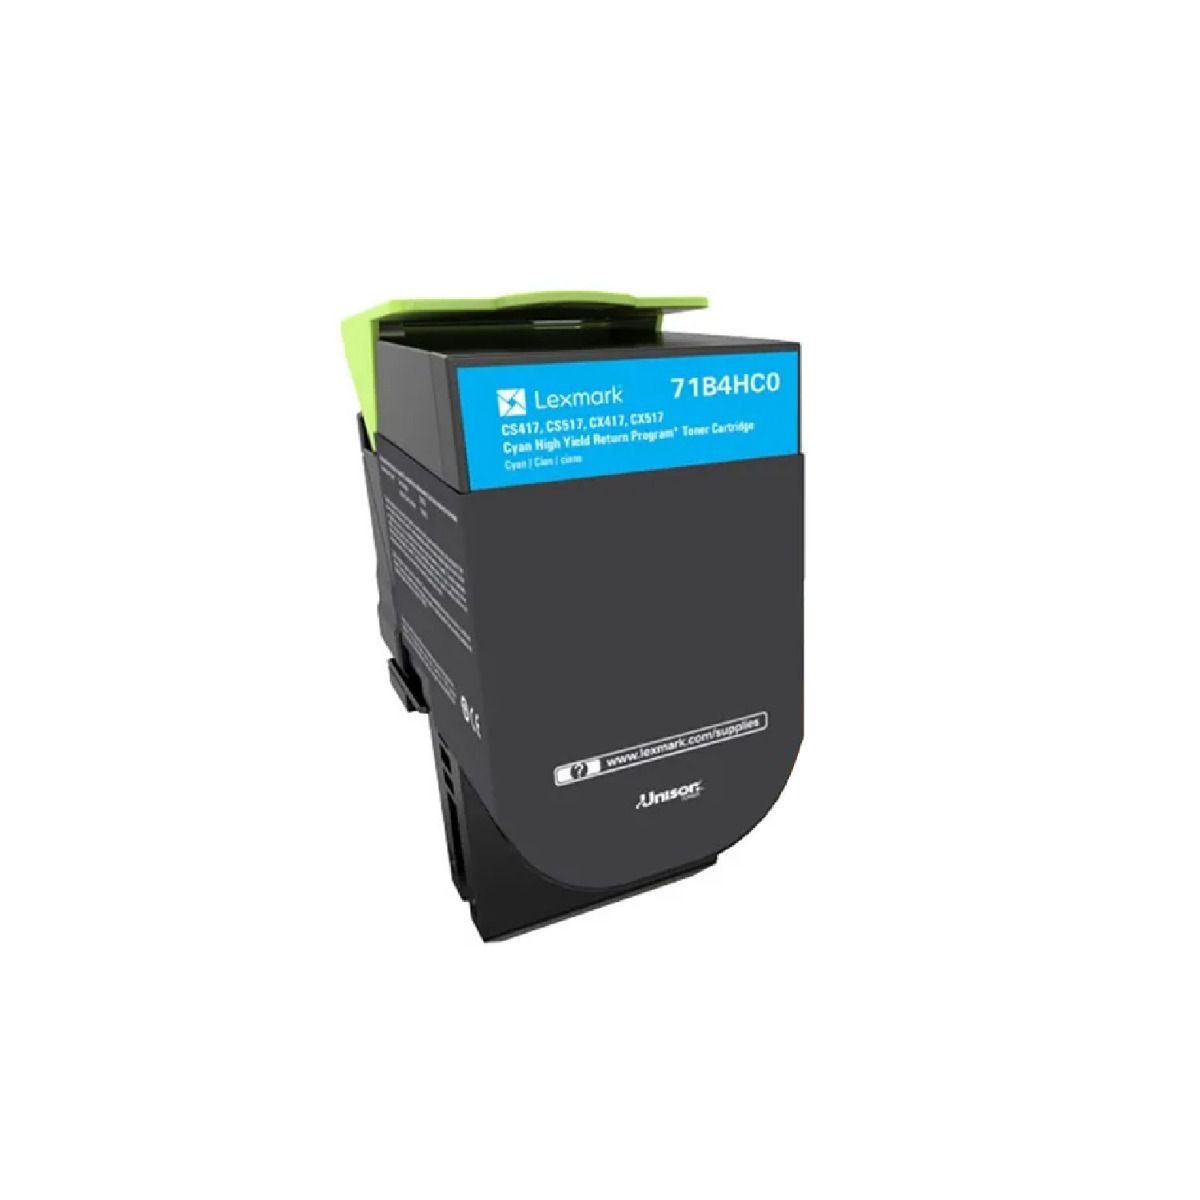 Toner Lexmark 71B4HC0 Original rendimento  3.500 Pgs Ciano para uso nas impressoras CS417dn CX417de